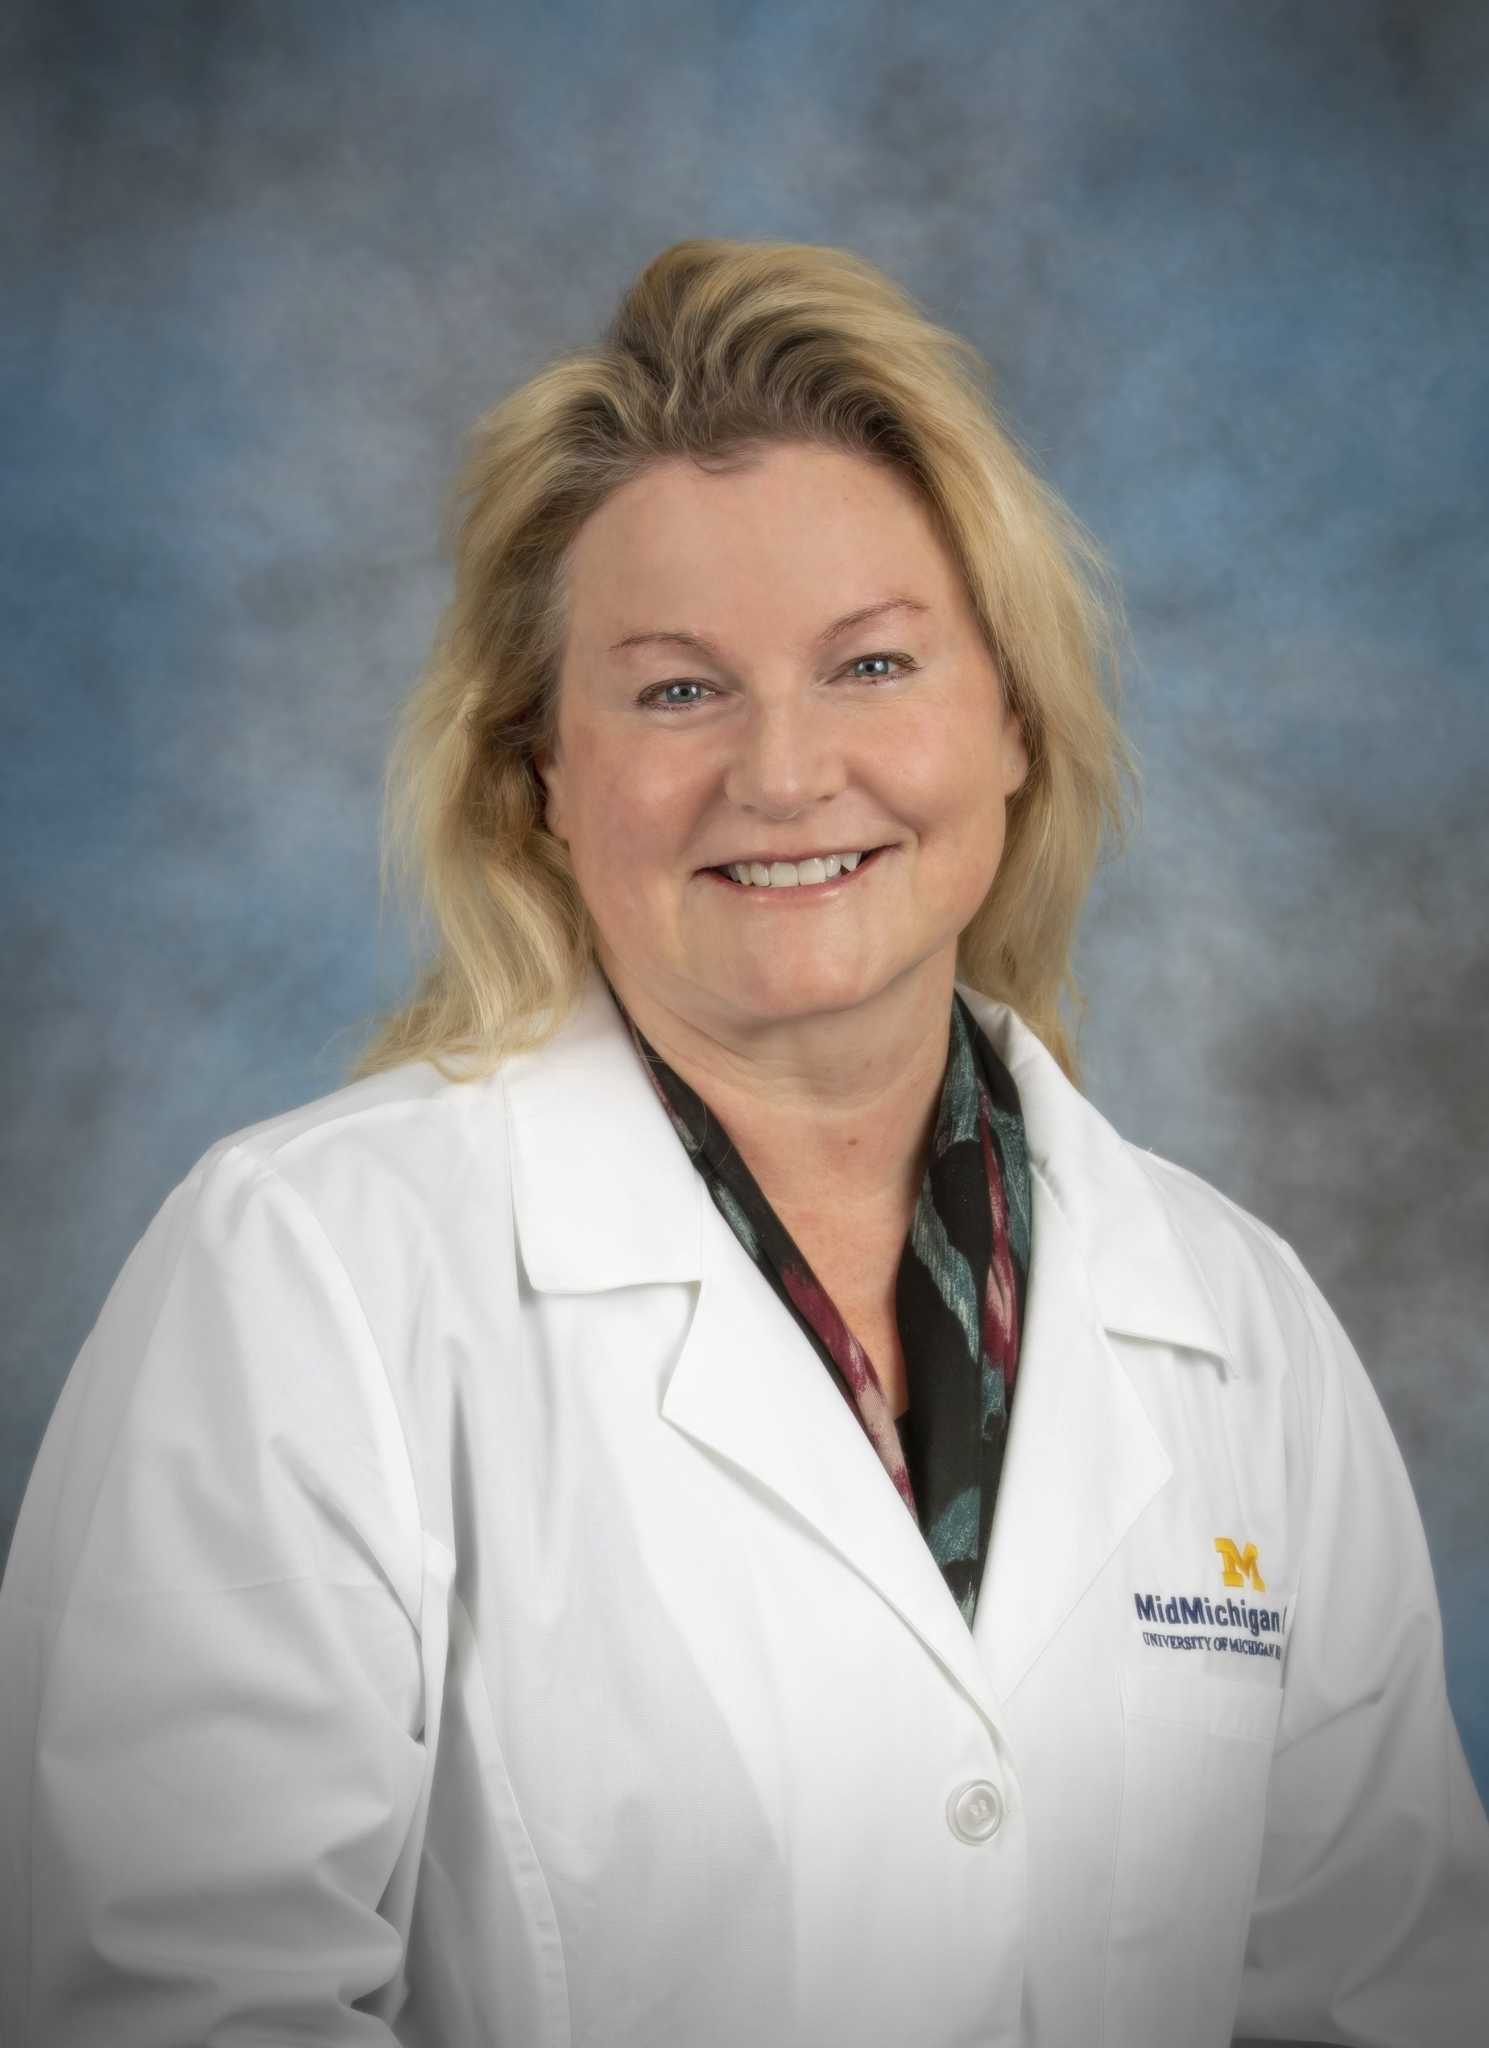 MidMichigan Health da la bienvenida a un nuevo cirujano ortopédico